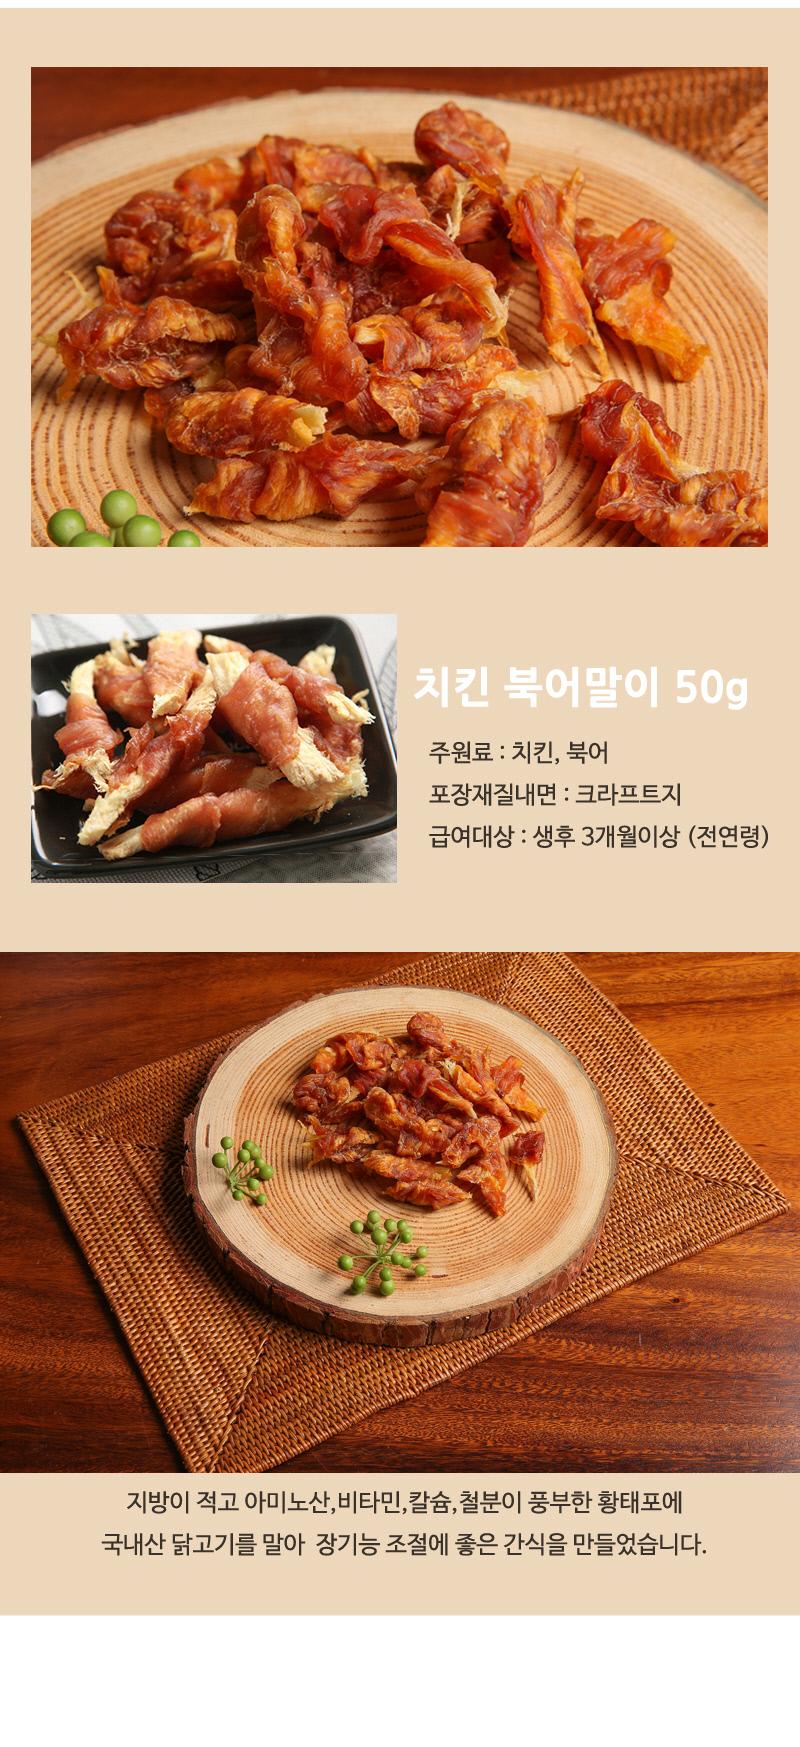 (국산) 애견수제간식 - 치킨북어말이 - 더 케이 펫, 3,800원, 간식/영양제, 수제간식